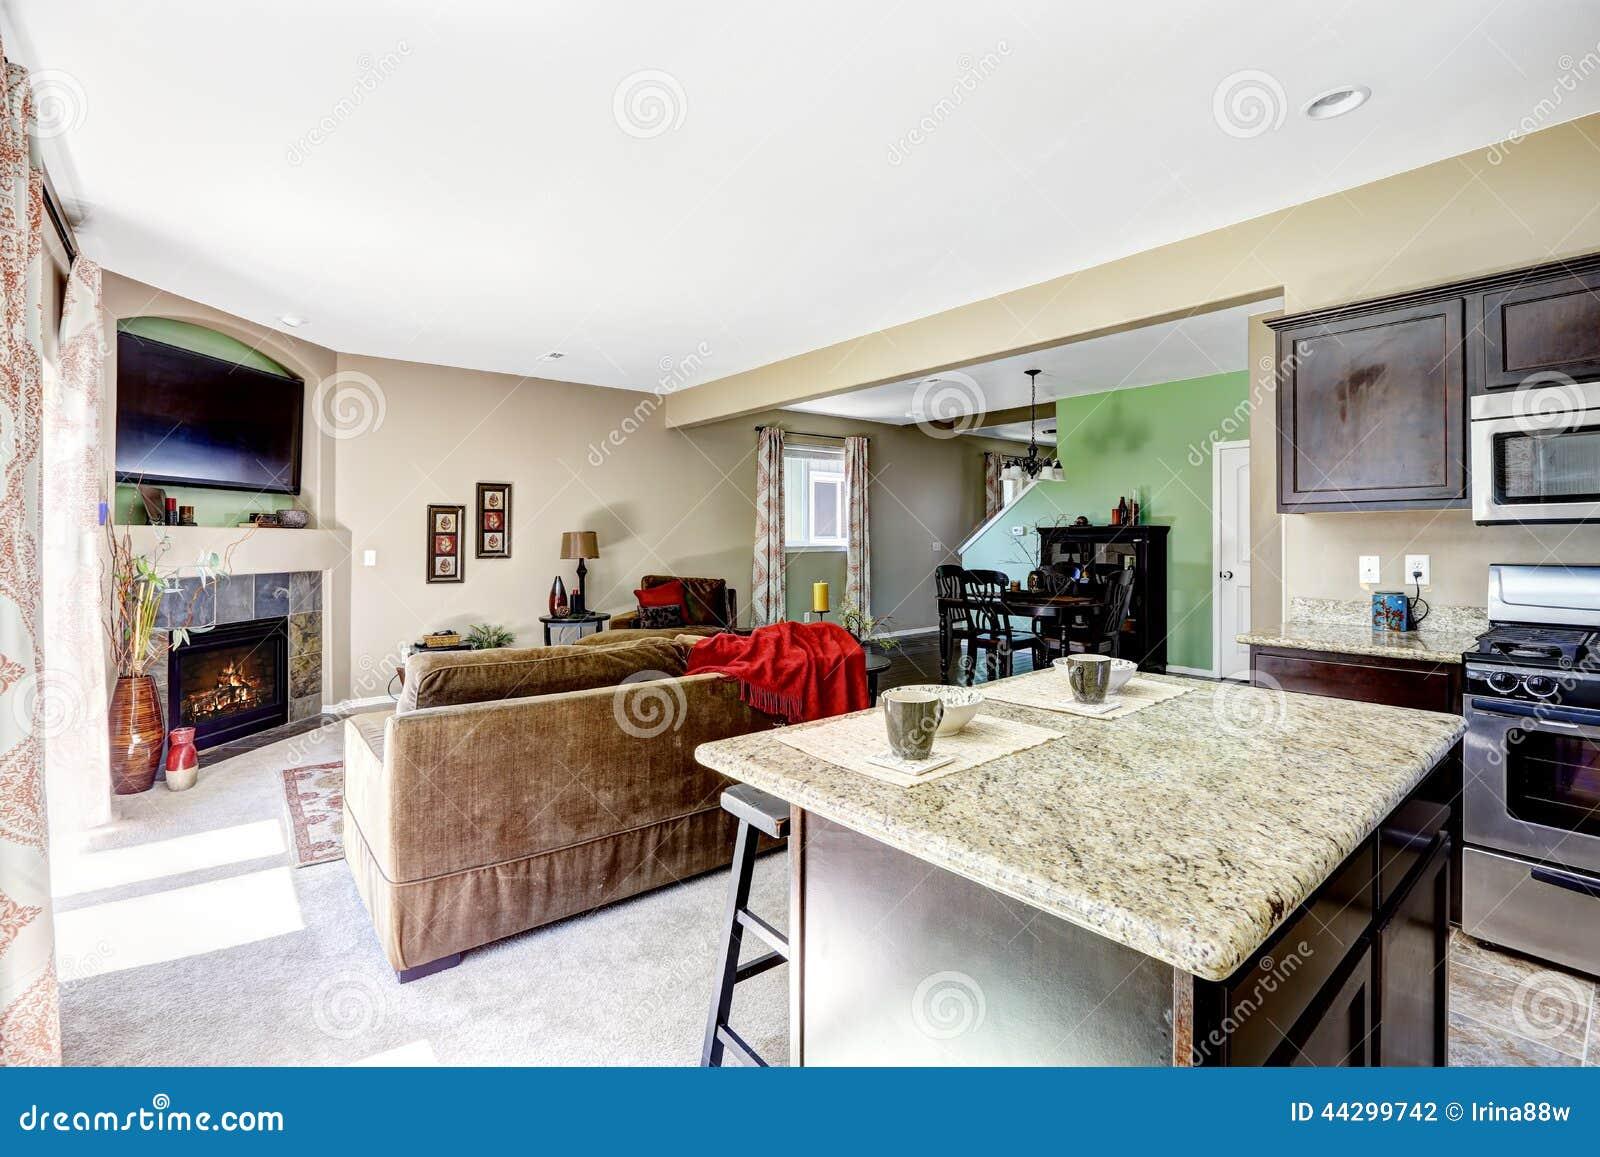 Modernes wohnzimmer grundriss – midir